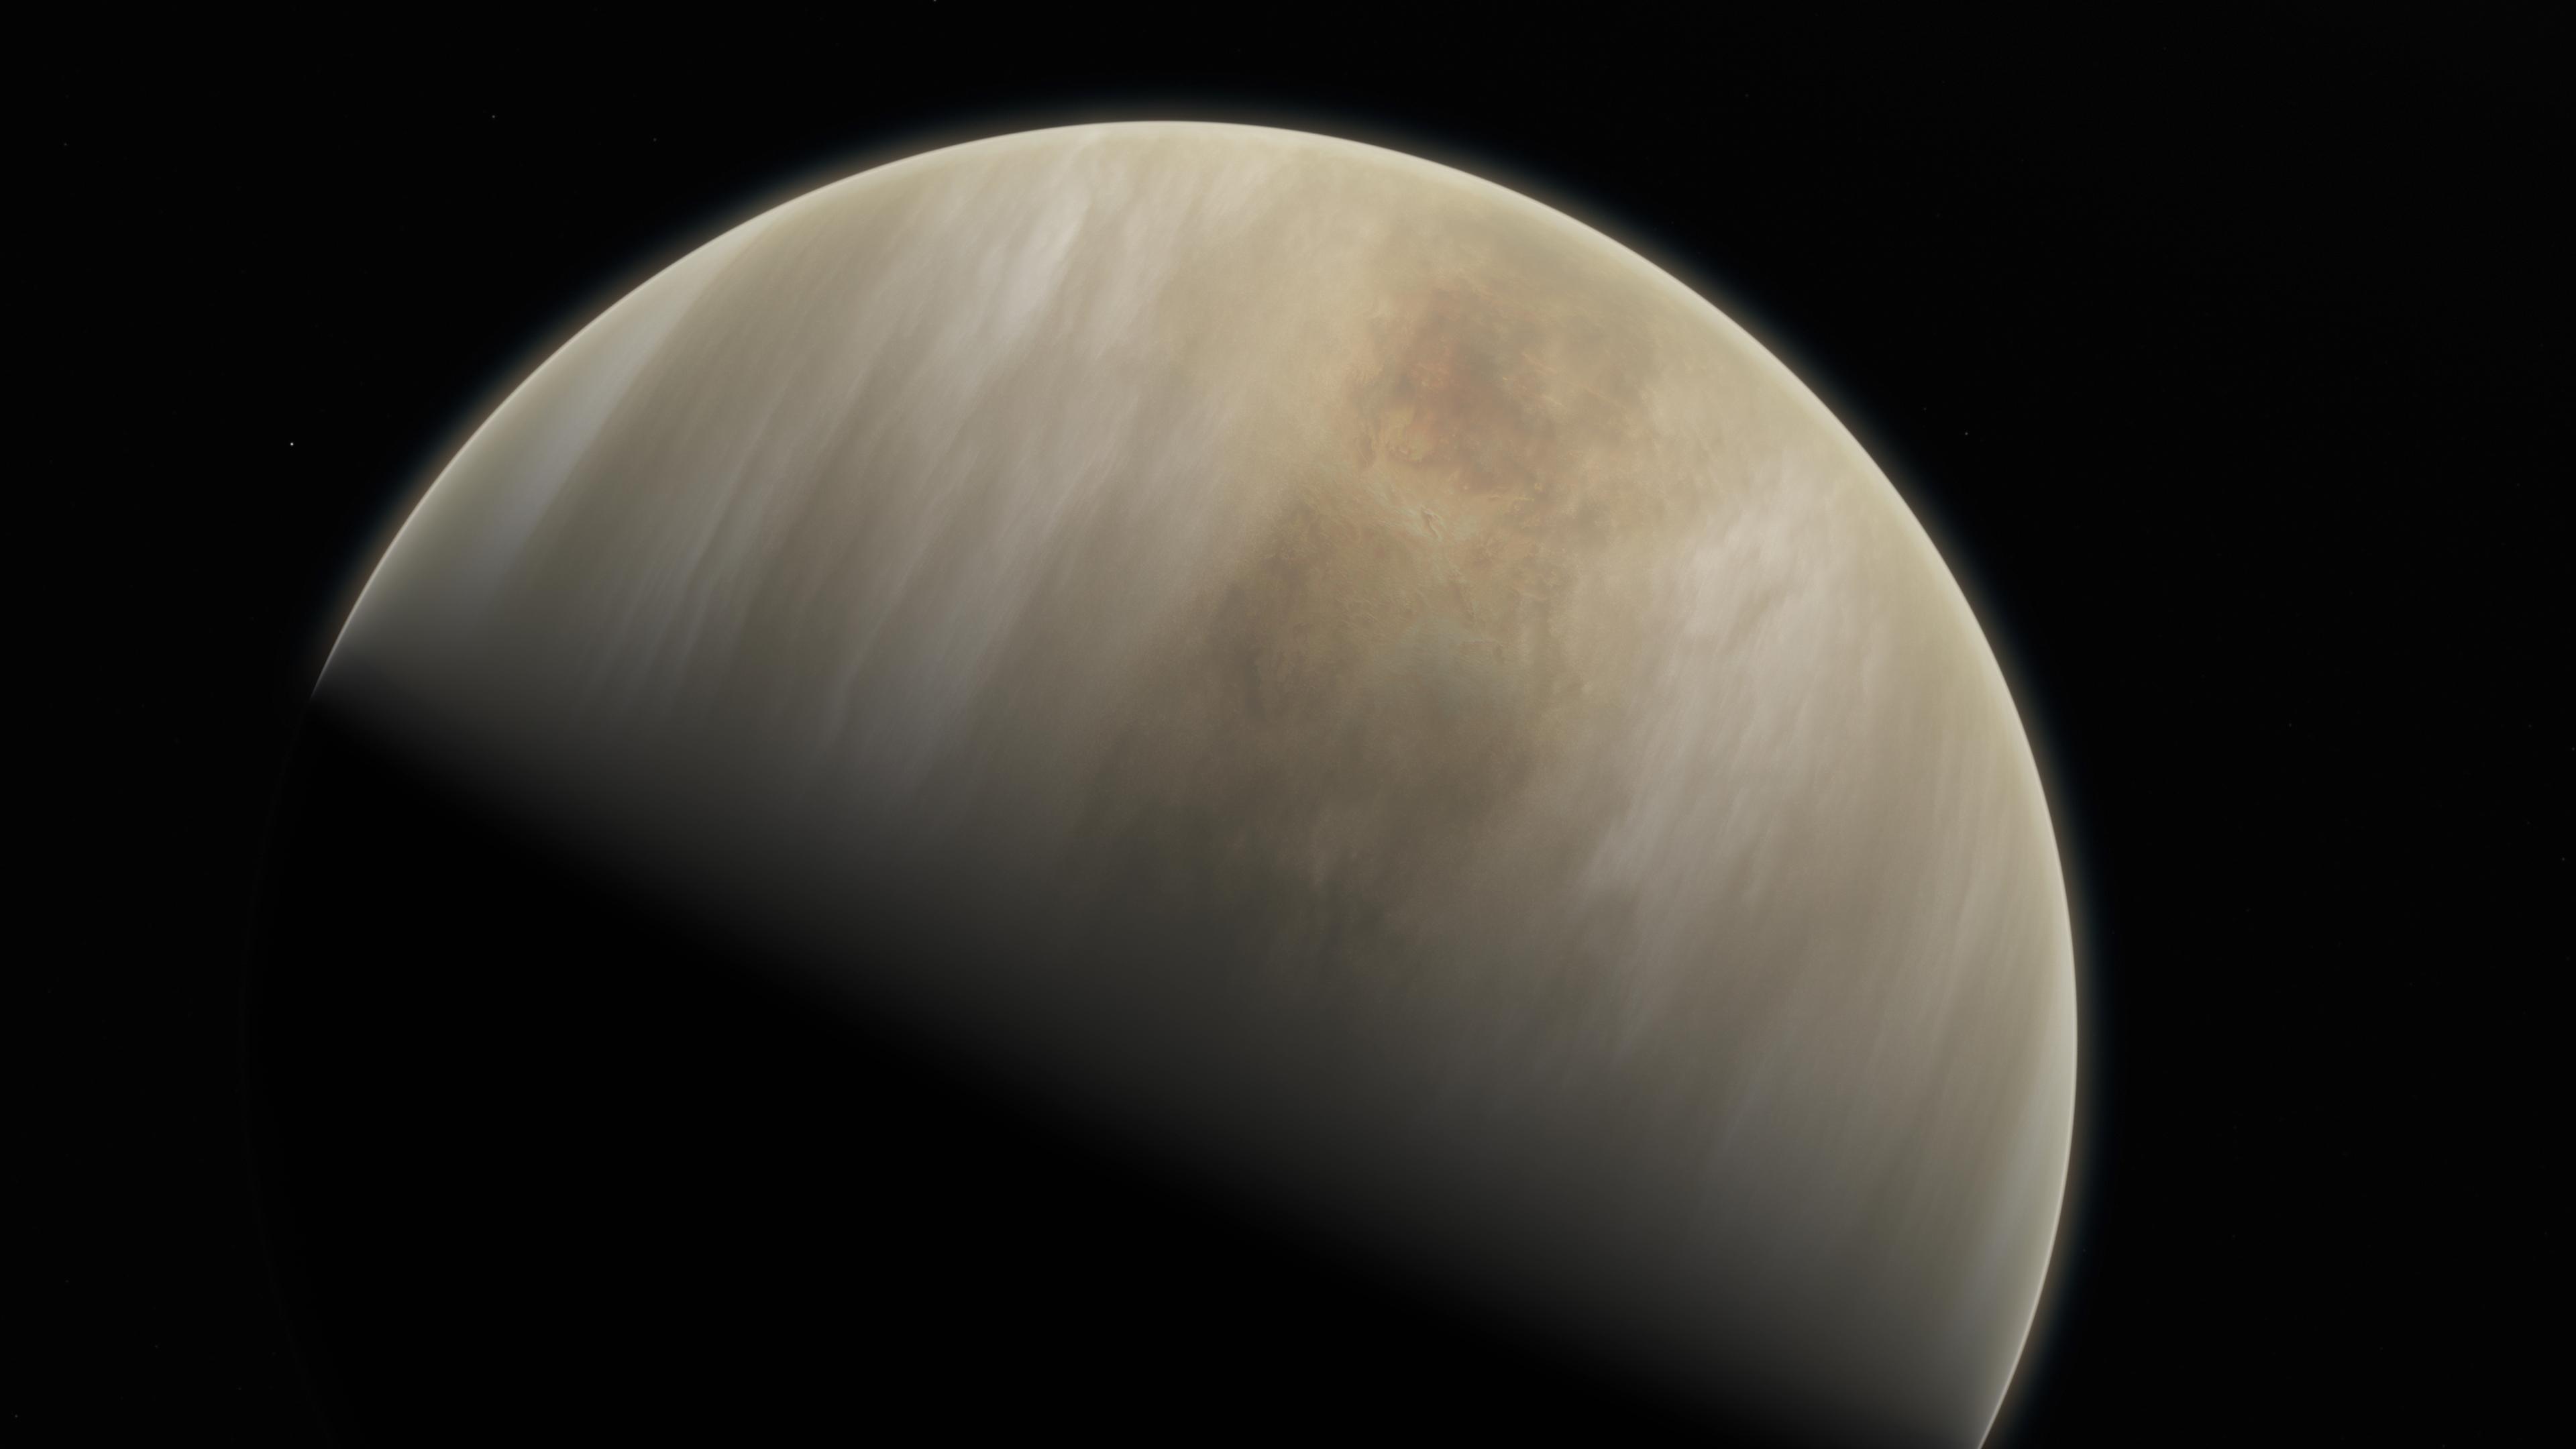 Пролетая мимо Венеры, Parker Solar Probe увидел то, чего не должен был: ему удалось случайно заглянуть под плотные облака